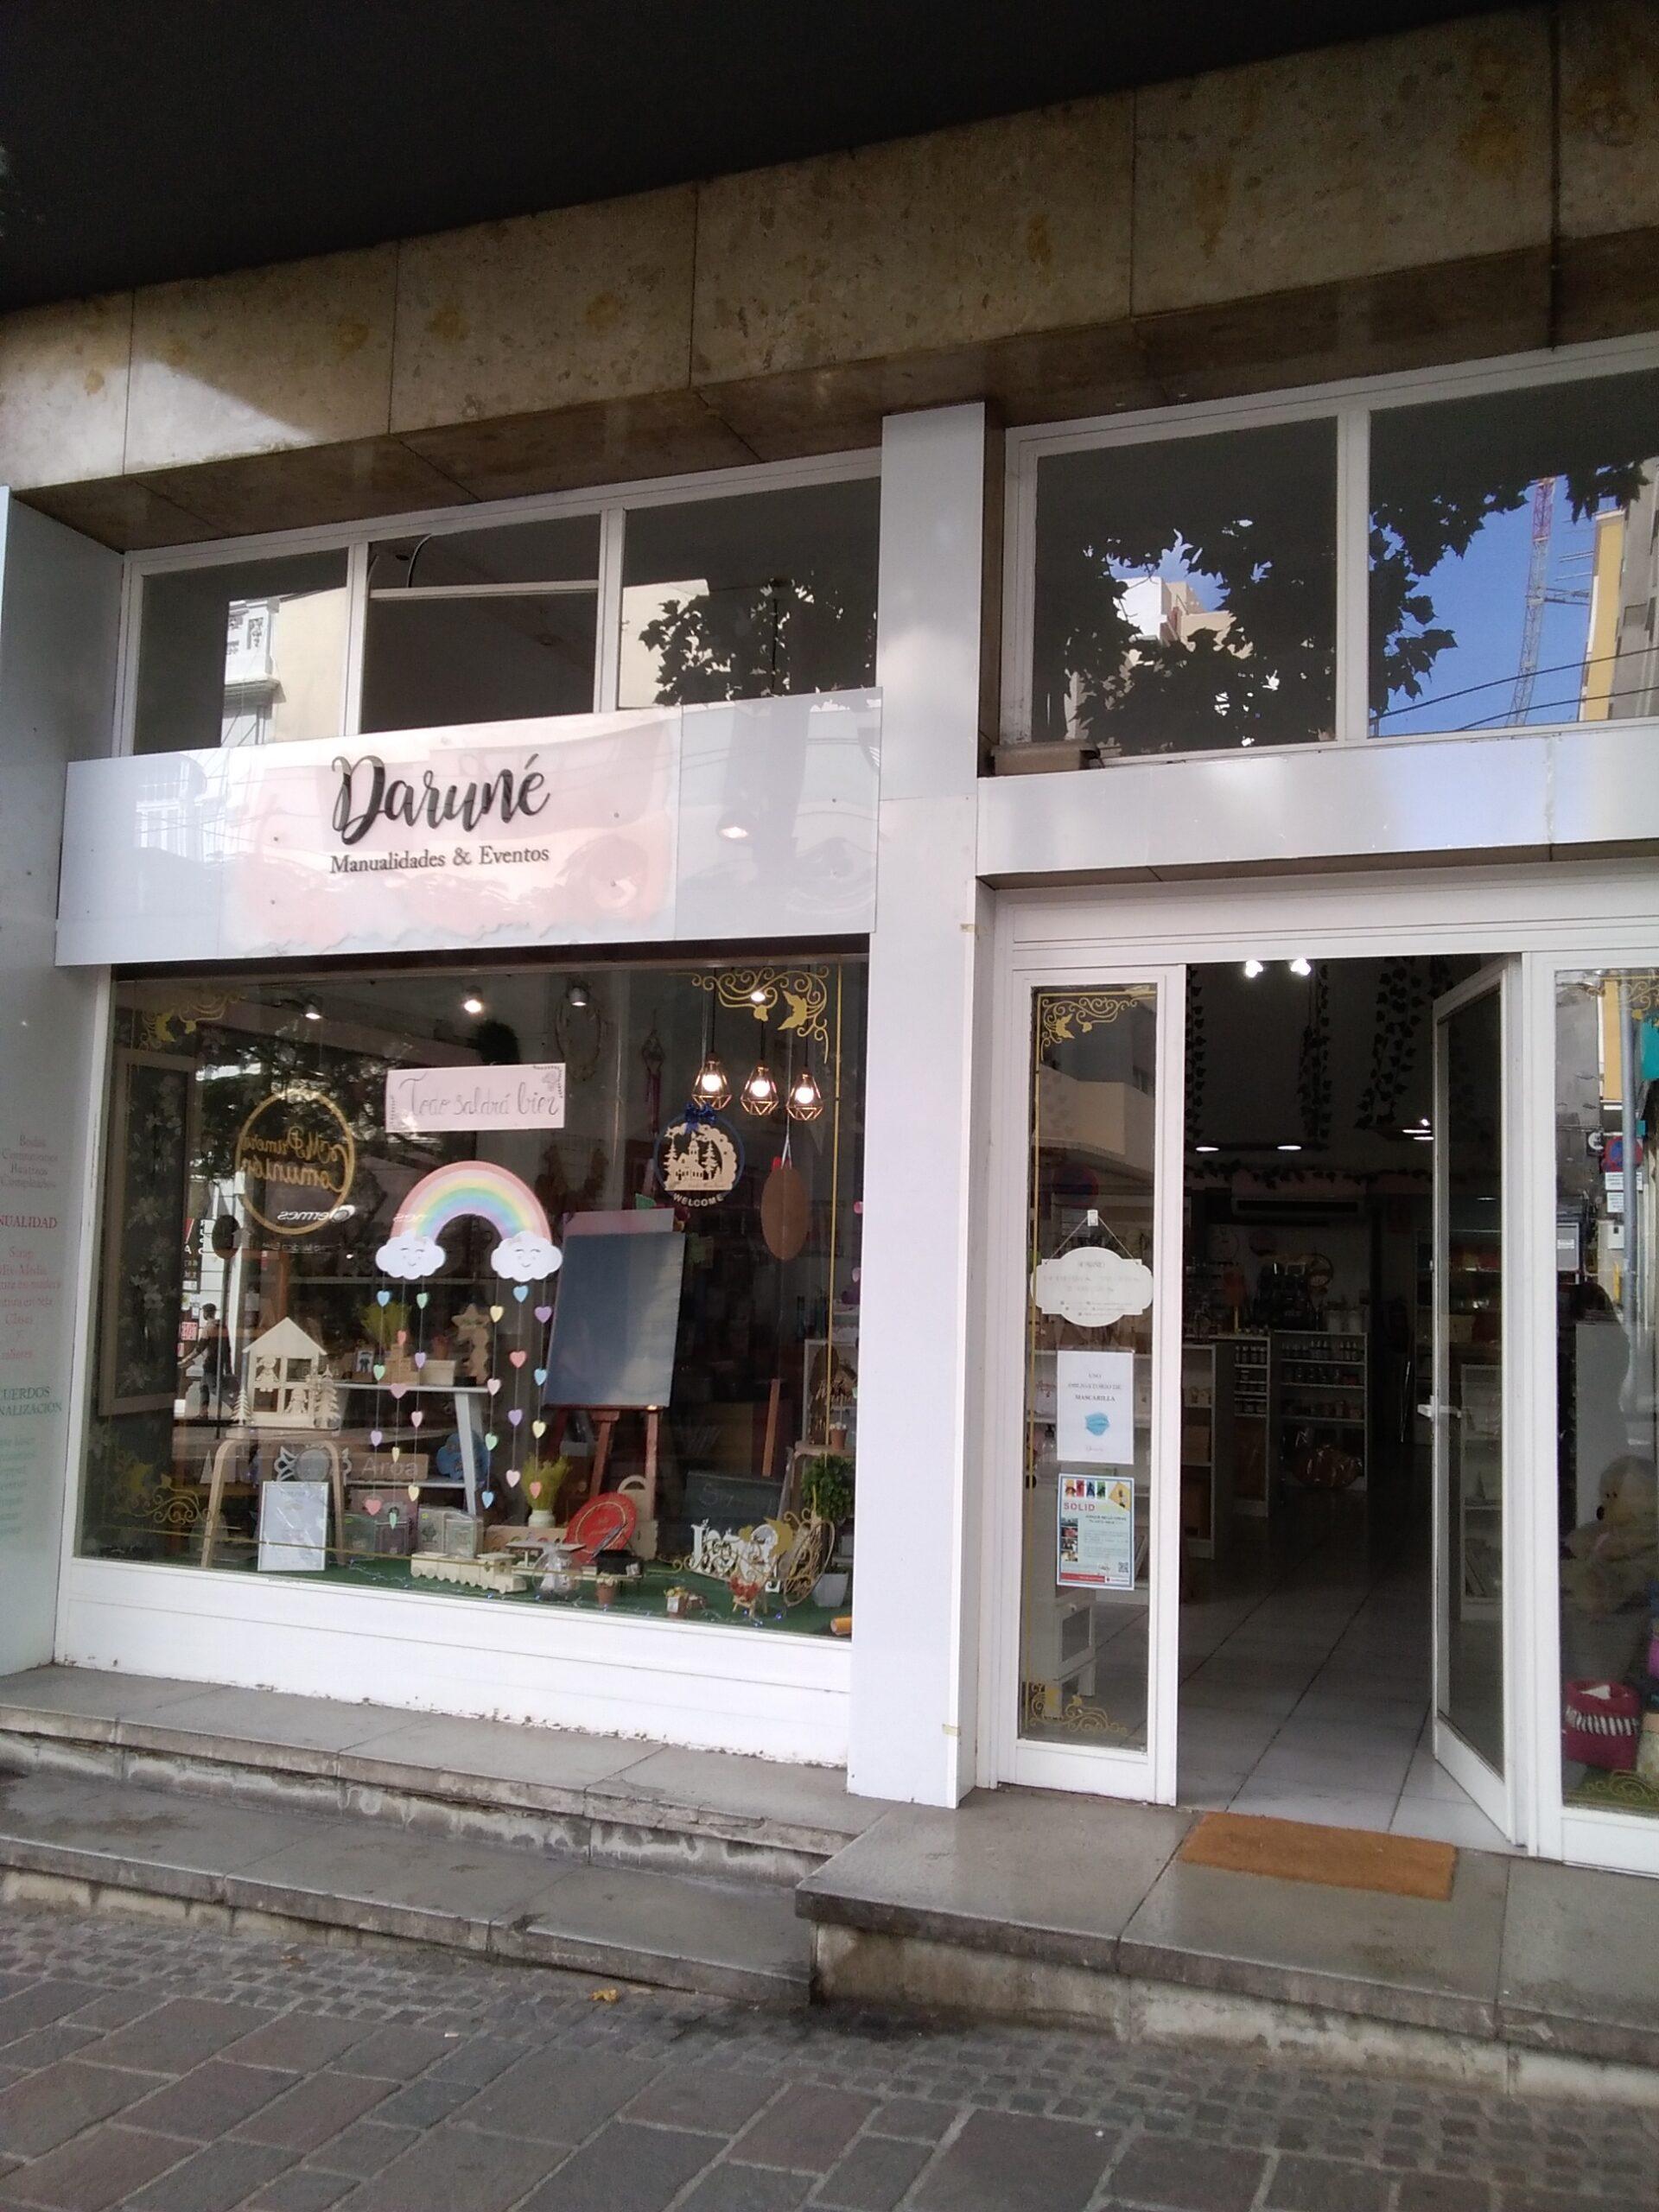 Daruné